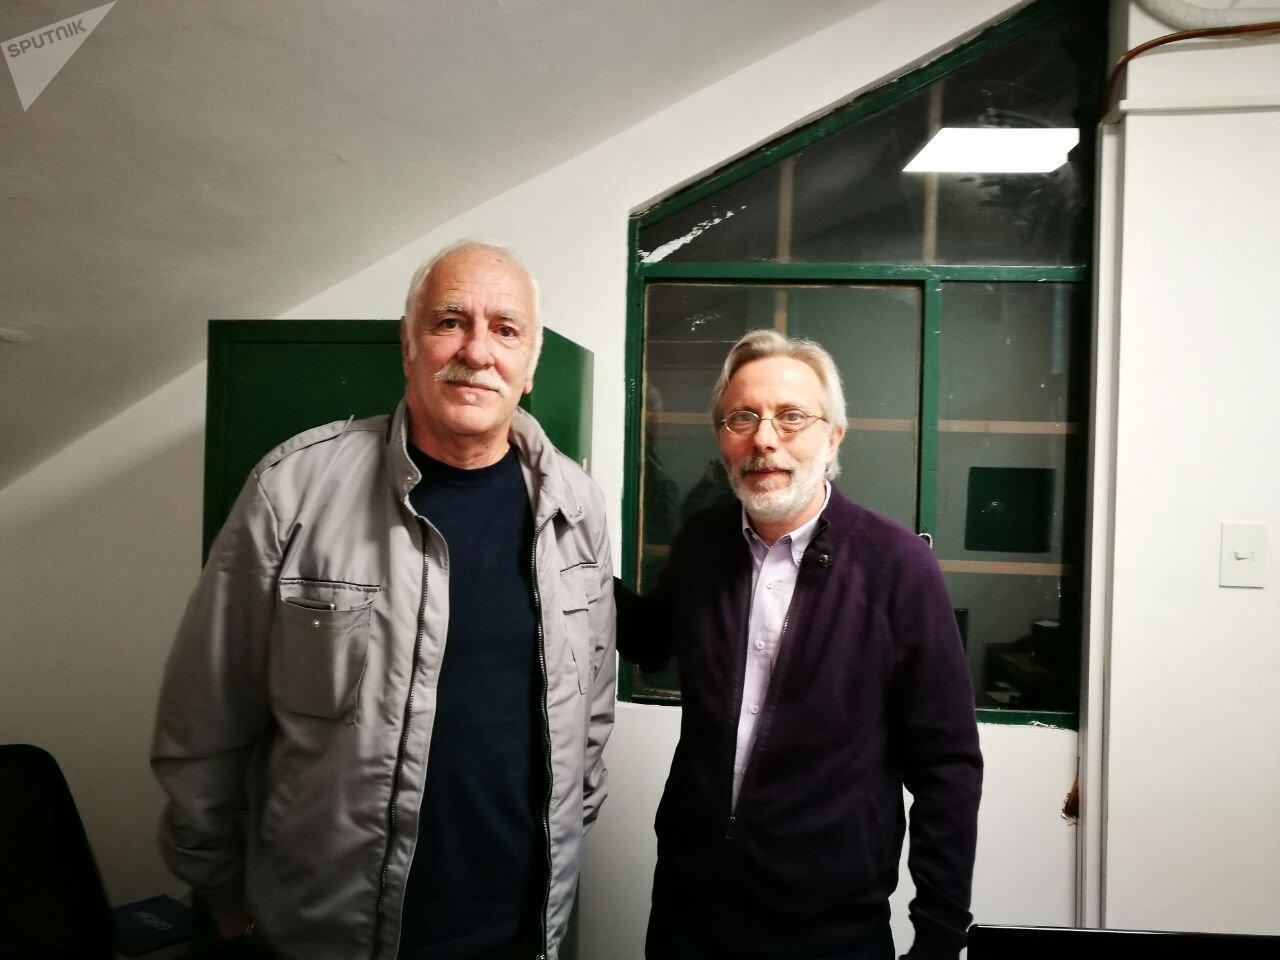 Luis Vainikoff expropietario del Cine Cosmos '70 junto a Gabriel Guralnik, actual director del Cine Cosmos UBA.